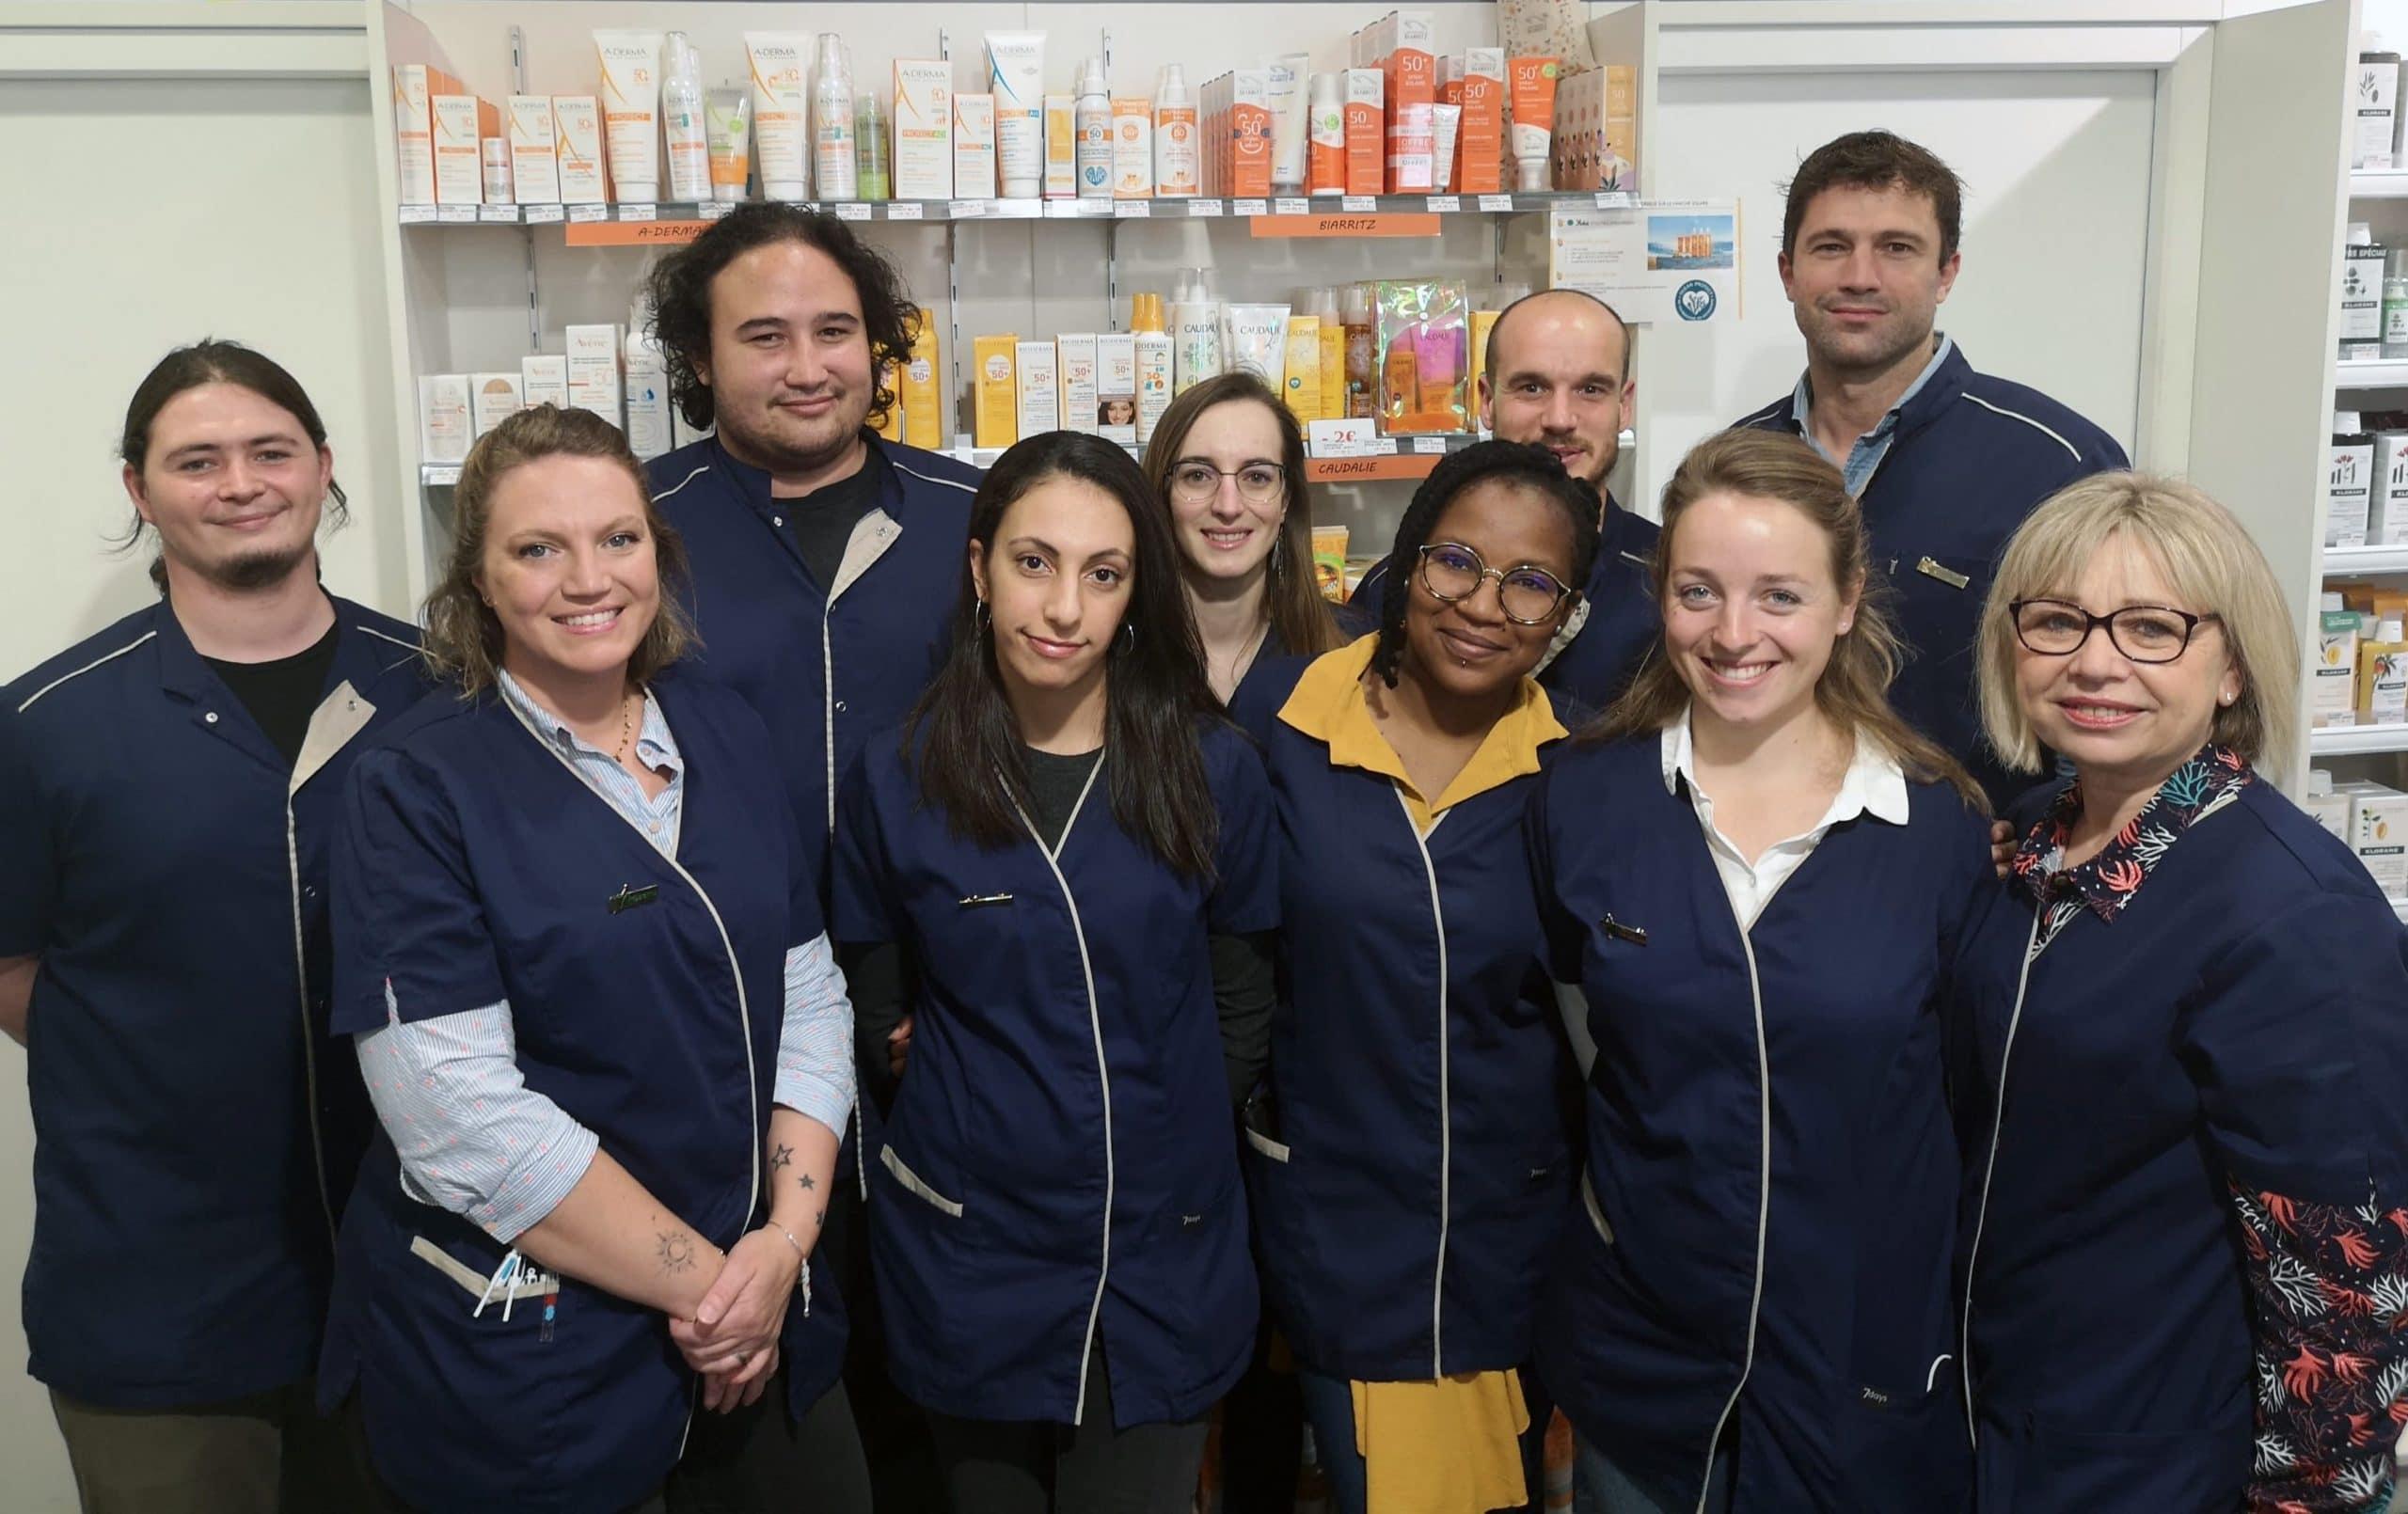 Équipe Pharmacie Terres Neuves